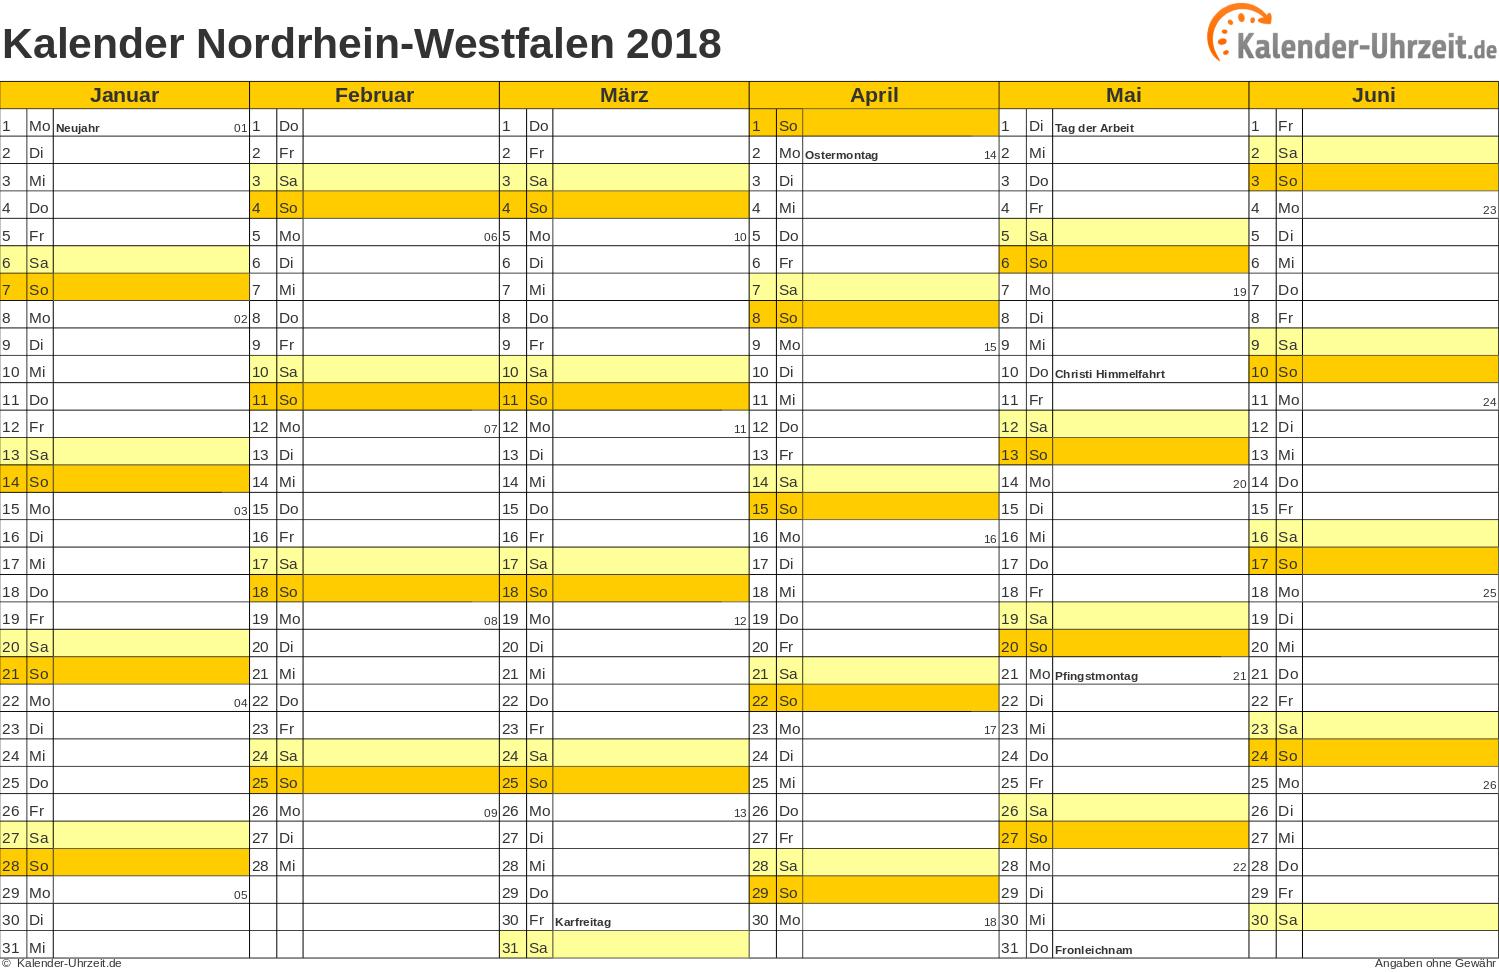 Nordrhein-Westfalen Kalender 2018 mit Feiertagen - quer-zweiseitig